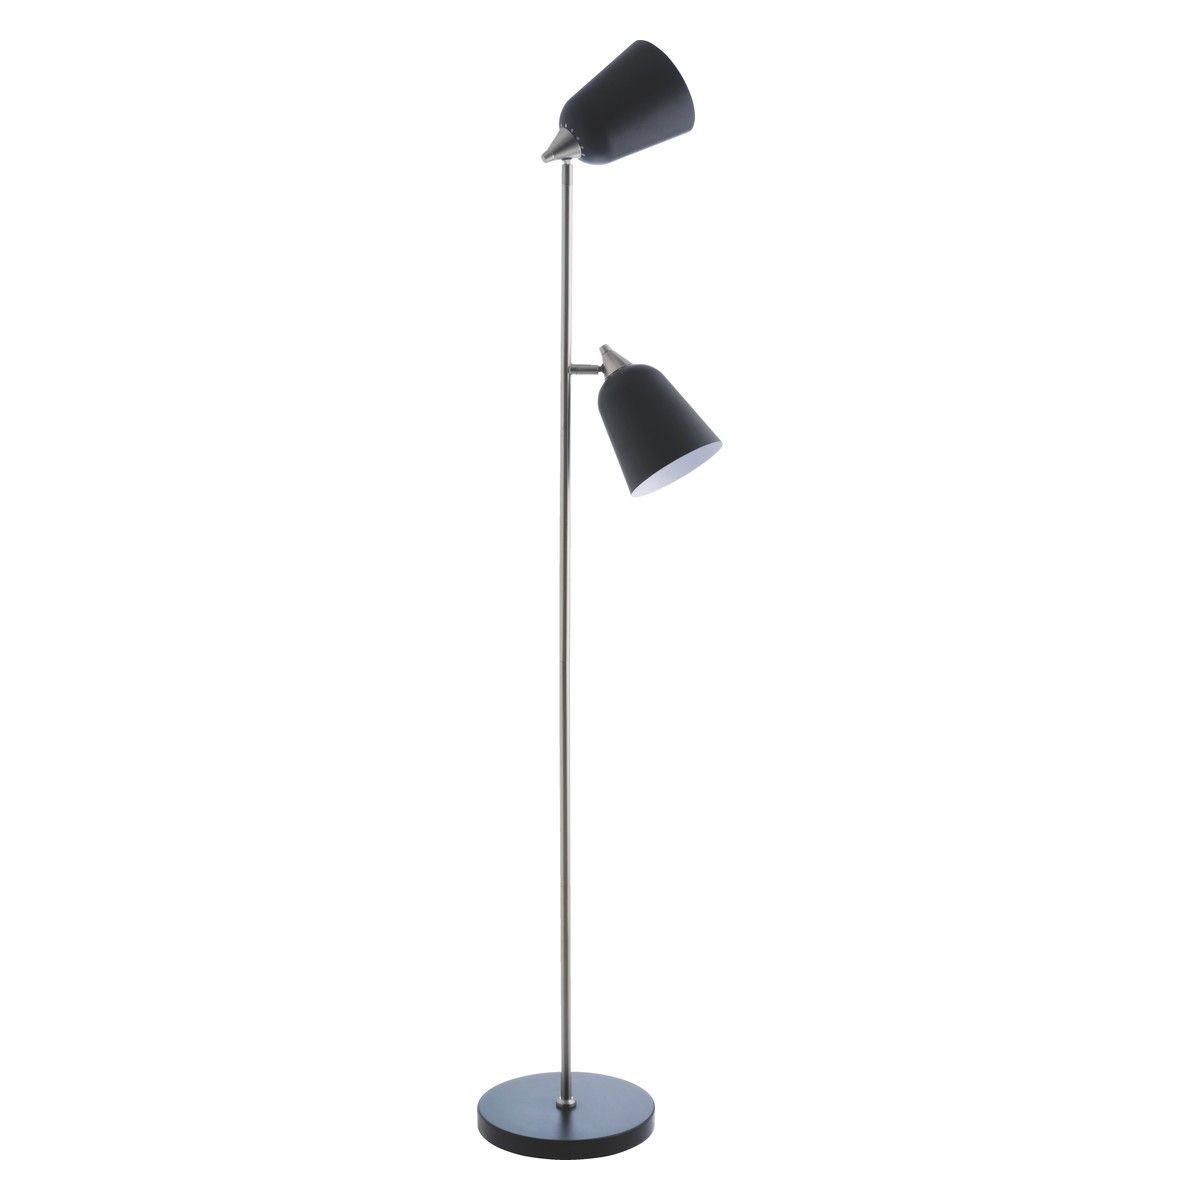 Double Black Metal Double Head Floor Lamp Buy Now At Habitat Uk Floor Lamp Lamp Lamp Light